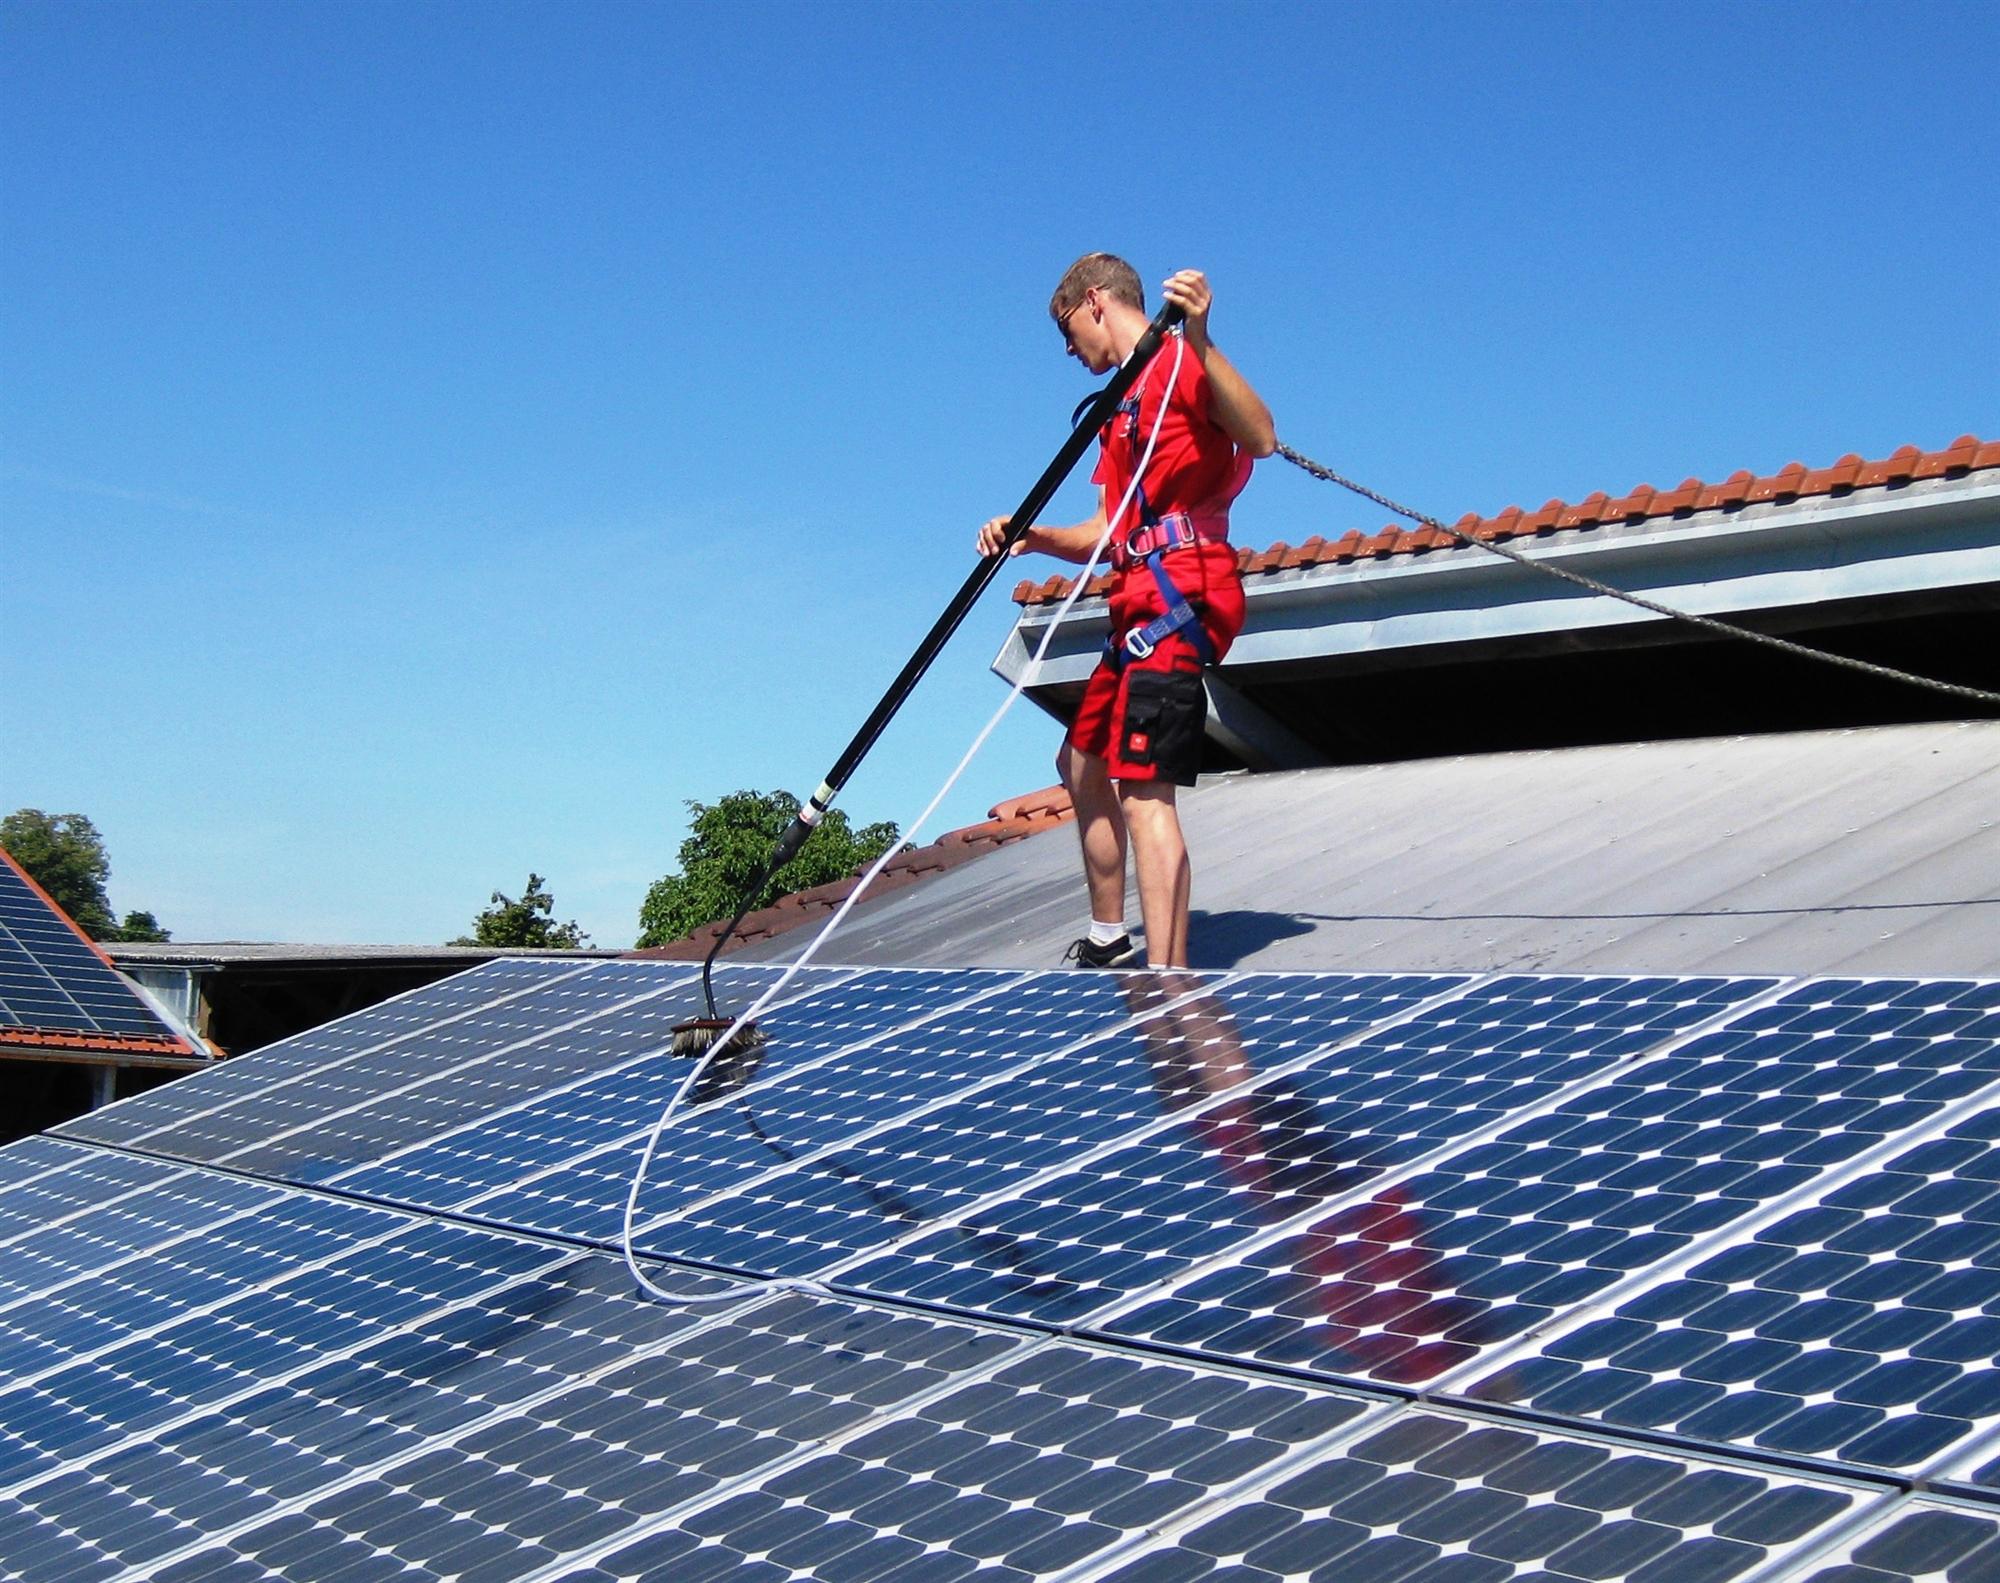 kit entretien panneau solaire professionnel unger nlite hiflo 13 5 m. Black Bedroom Furniture Sets. Home Design Ideas